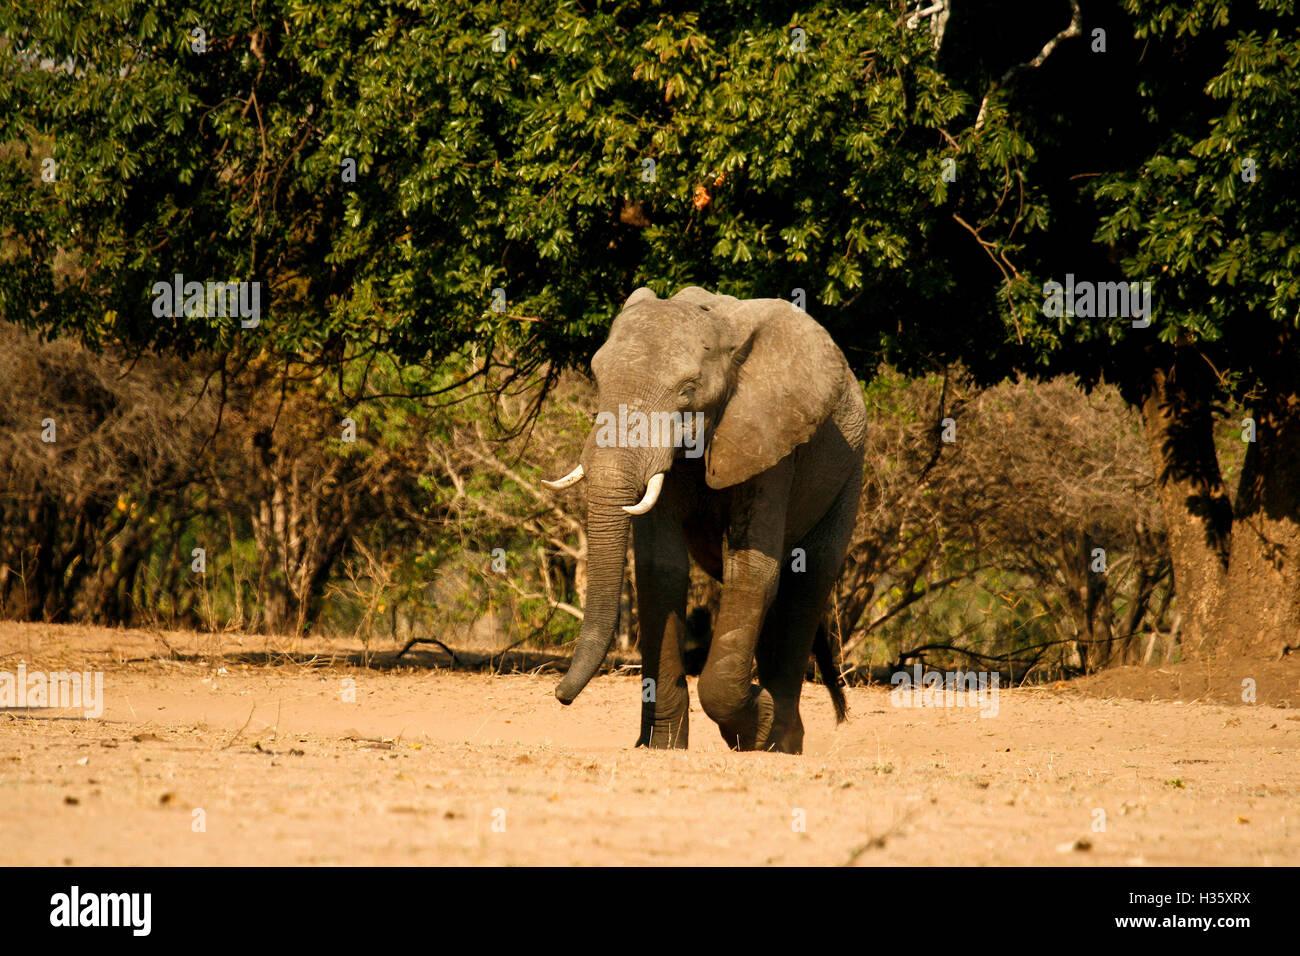 Elephant, Loxodonta africana. Mana Pools National Park. Zimbabwe - Stock Image